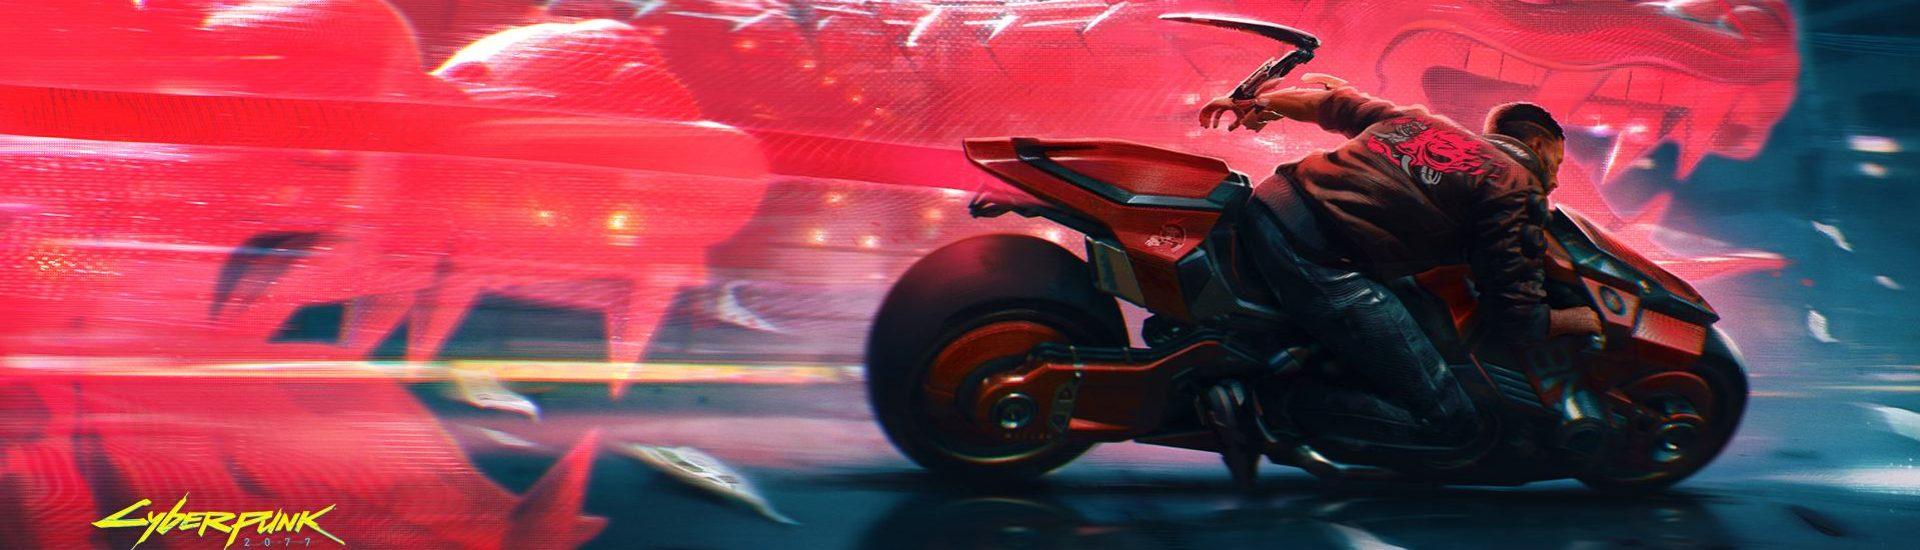 CD Projekt Red arbeitet an mehreren AAA-Spielen für 2022